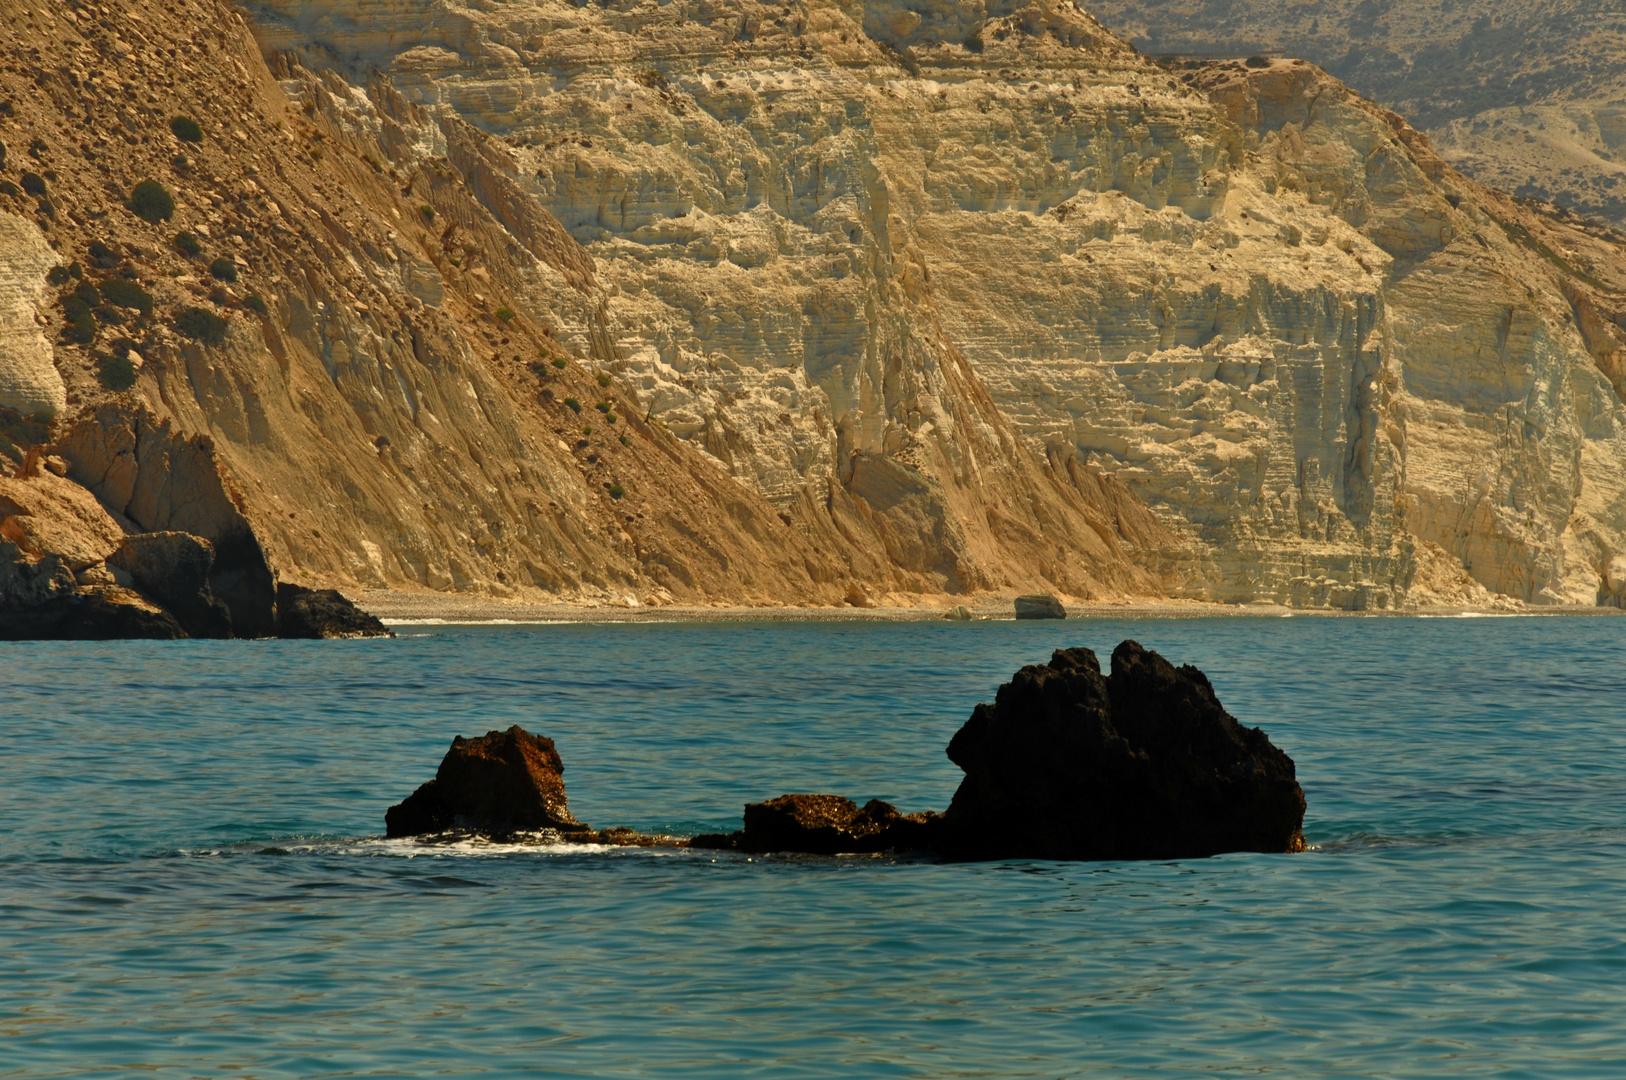 Wunderbare Felslandschaften am Meer